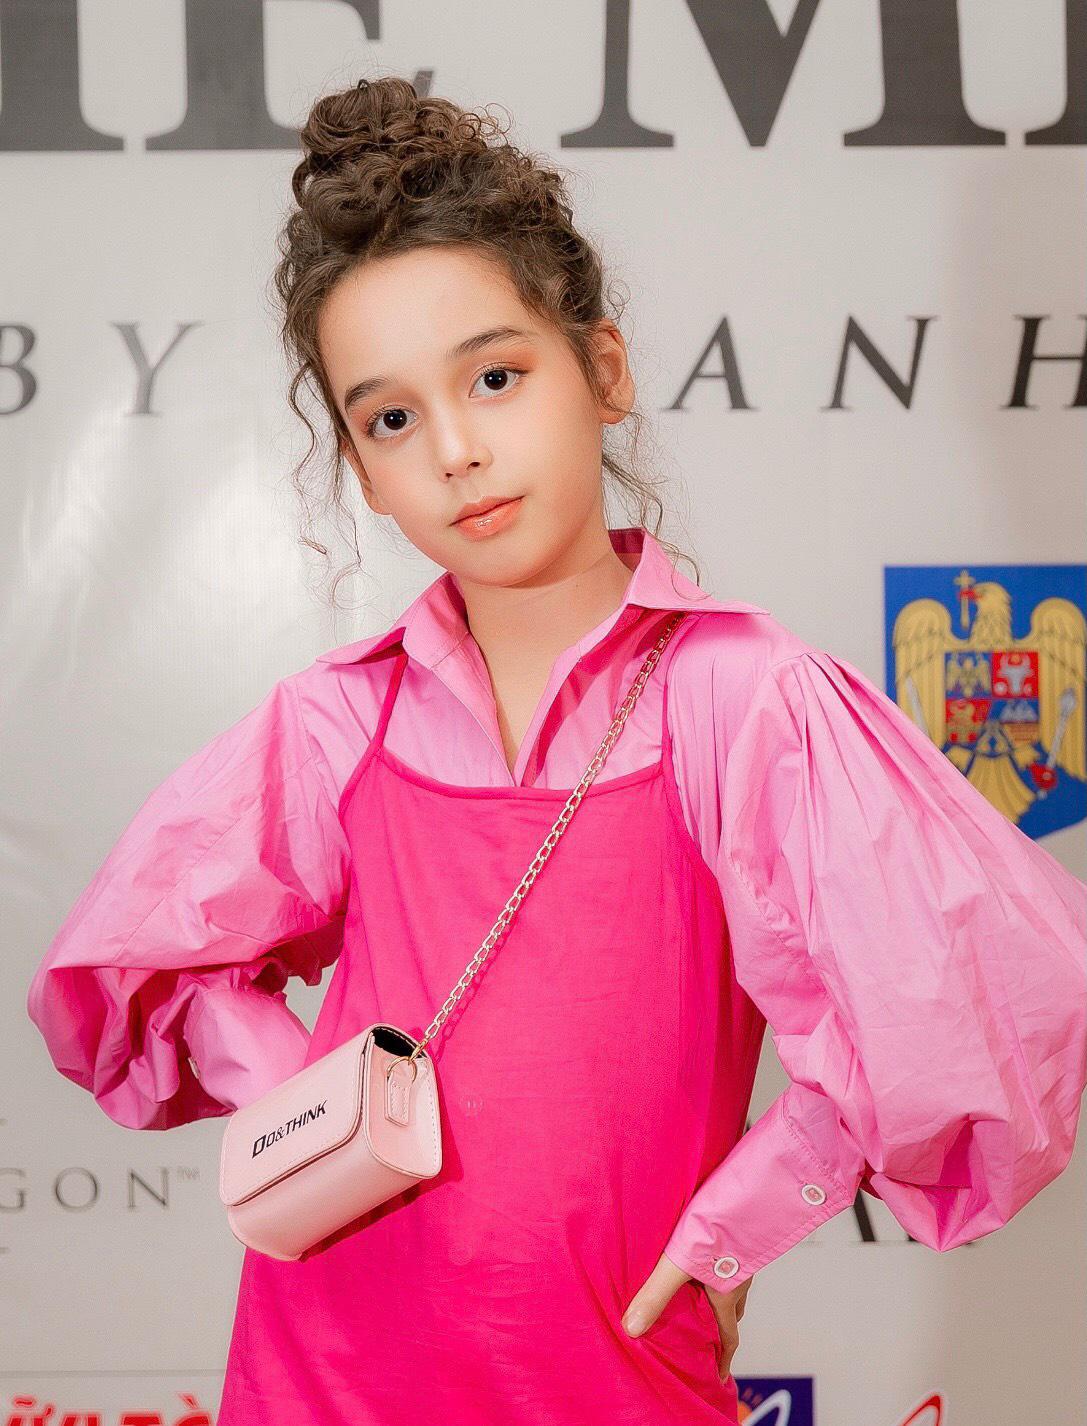 """Thiên thần nhí lai Úc tỏa sáng ở show Fashion KK với vẻ đẹp """"hút hồn"""" - Ảnh 5."""